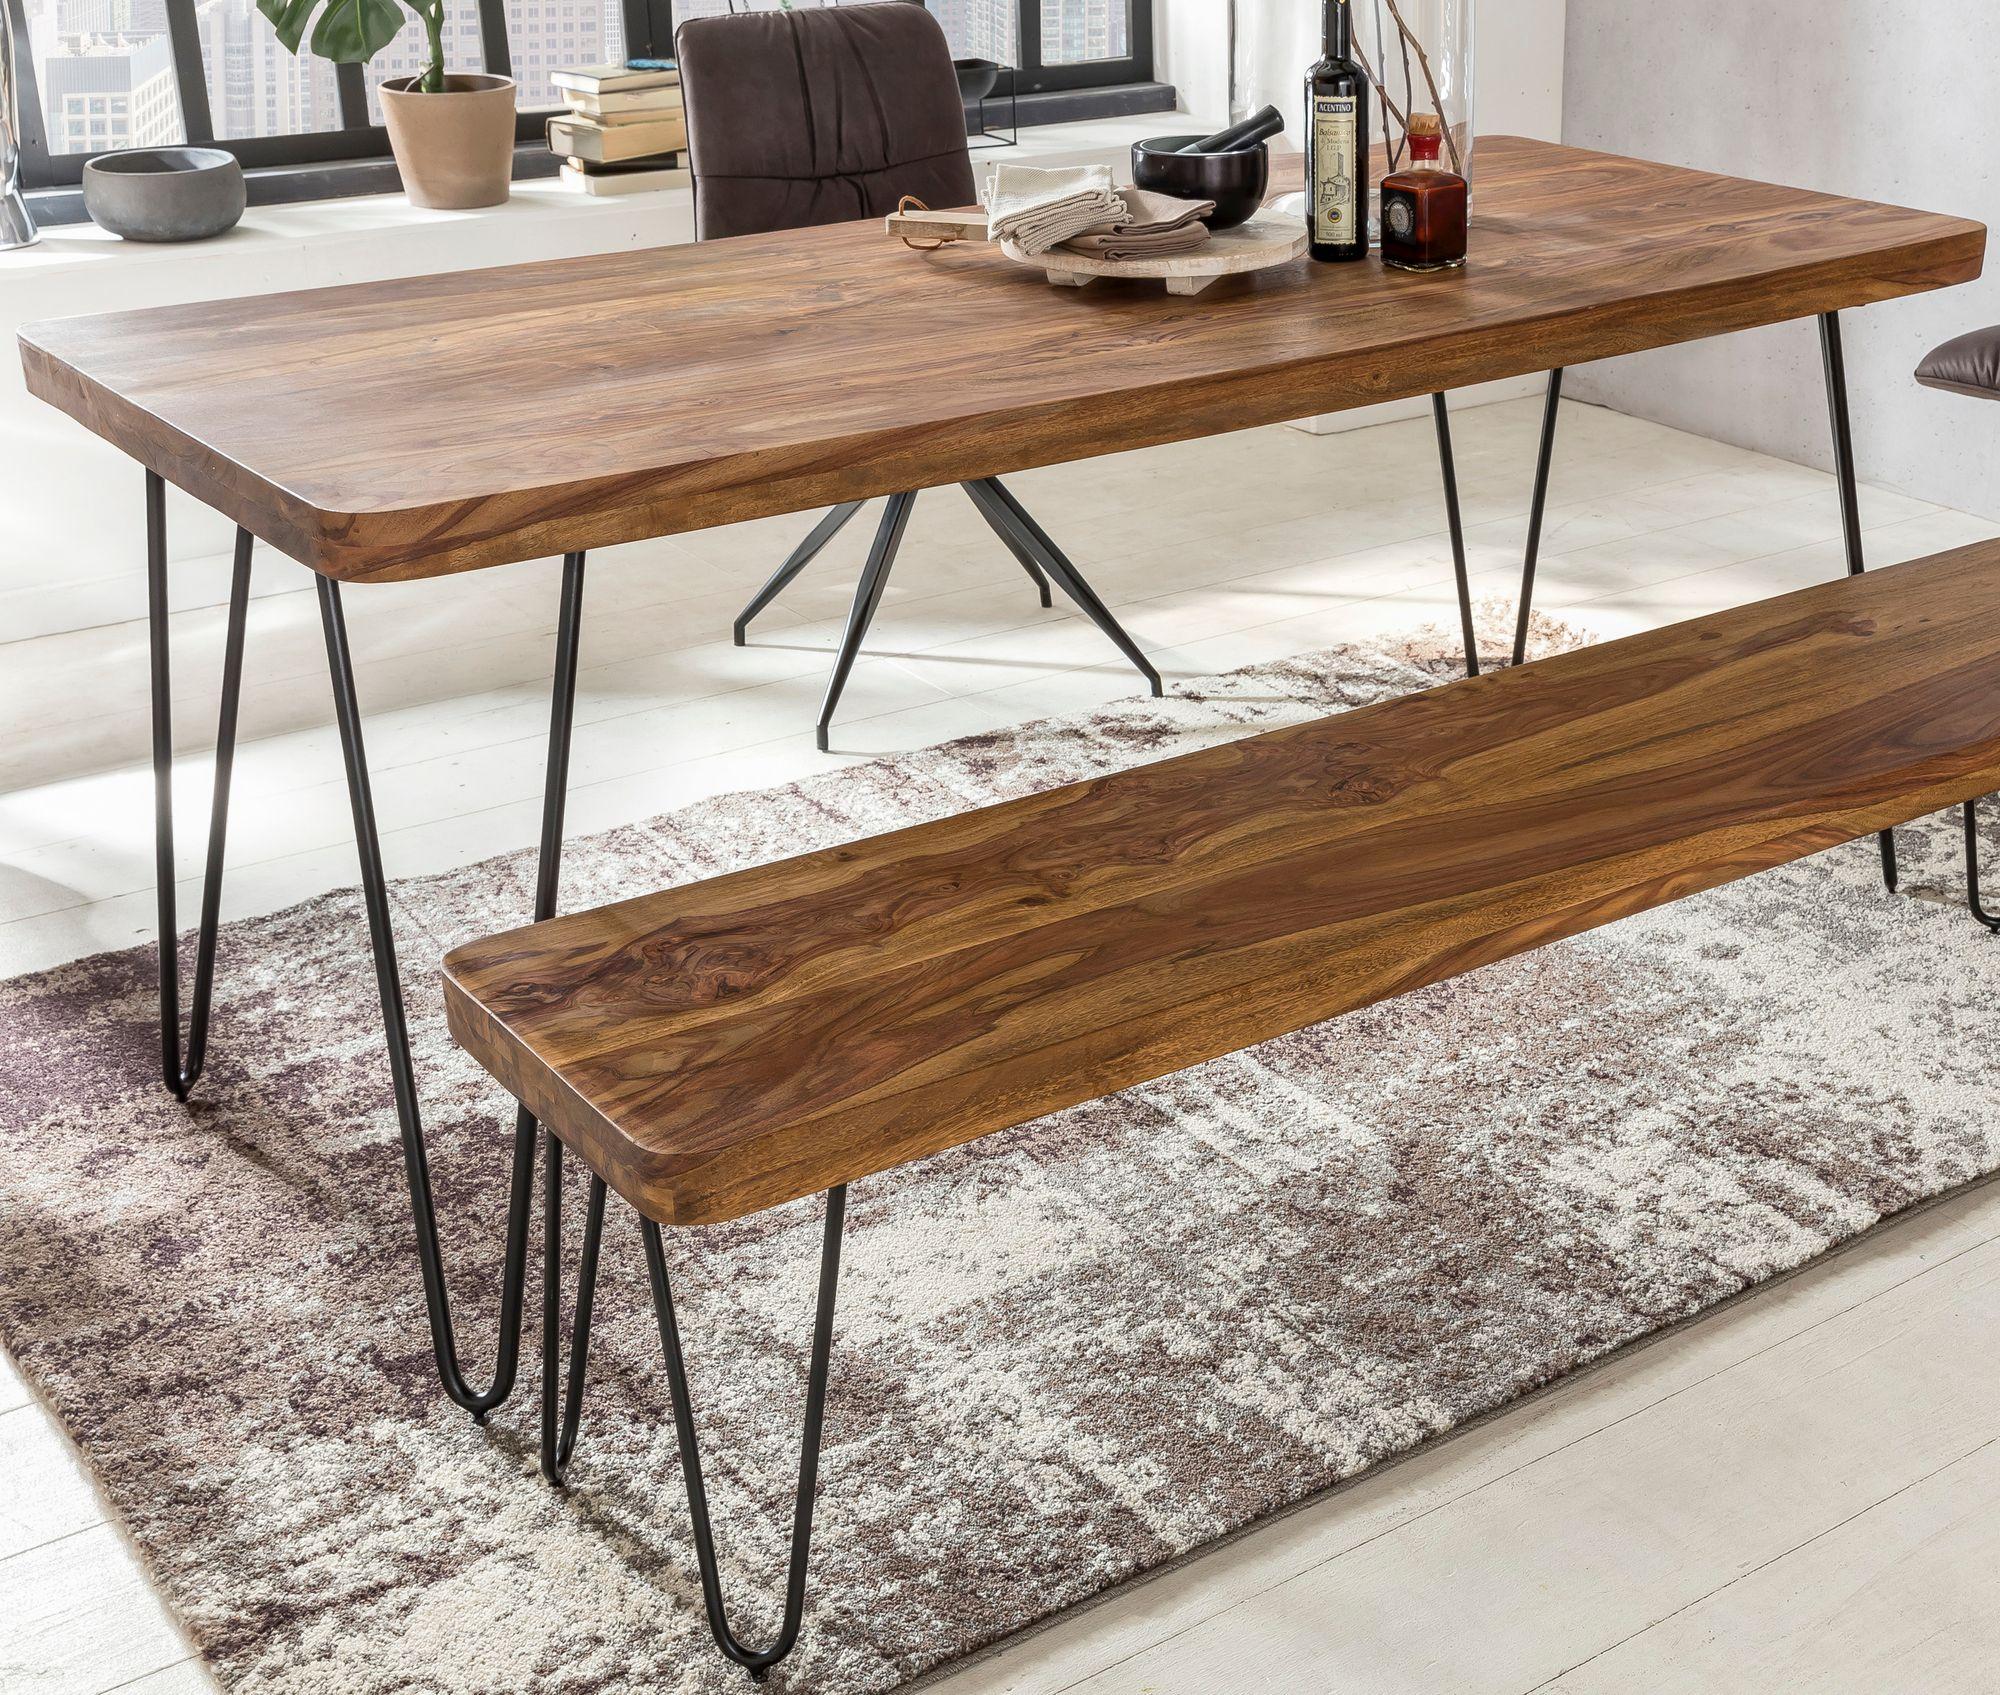 Massiver Esstisch HARLEM Sheesham Massiv Holz | Esszimmertisch Massivholz  Mit Design Metall Beinen | Holztisch Tisch